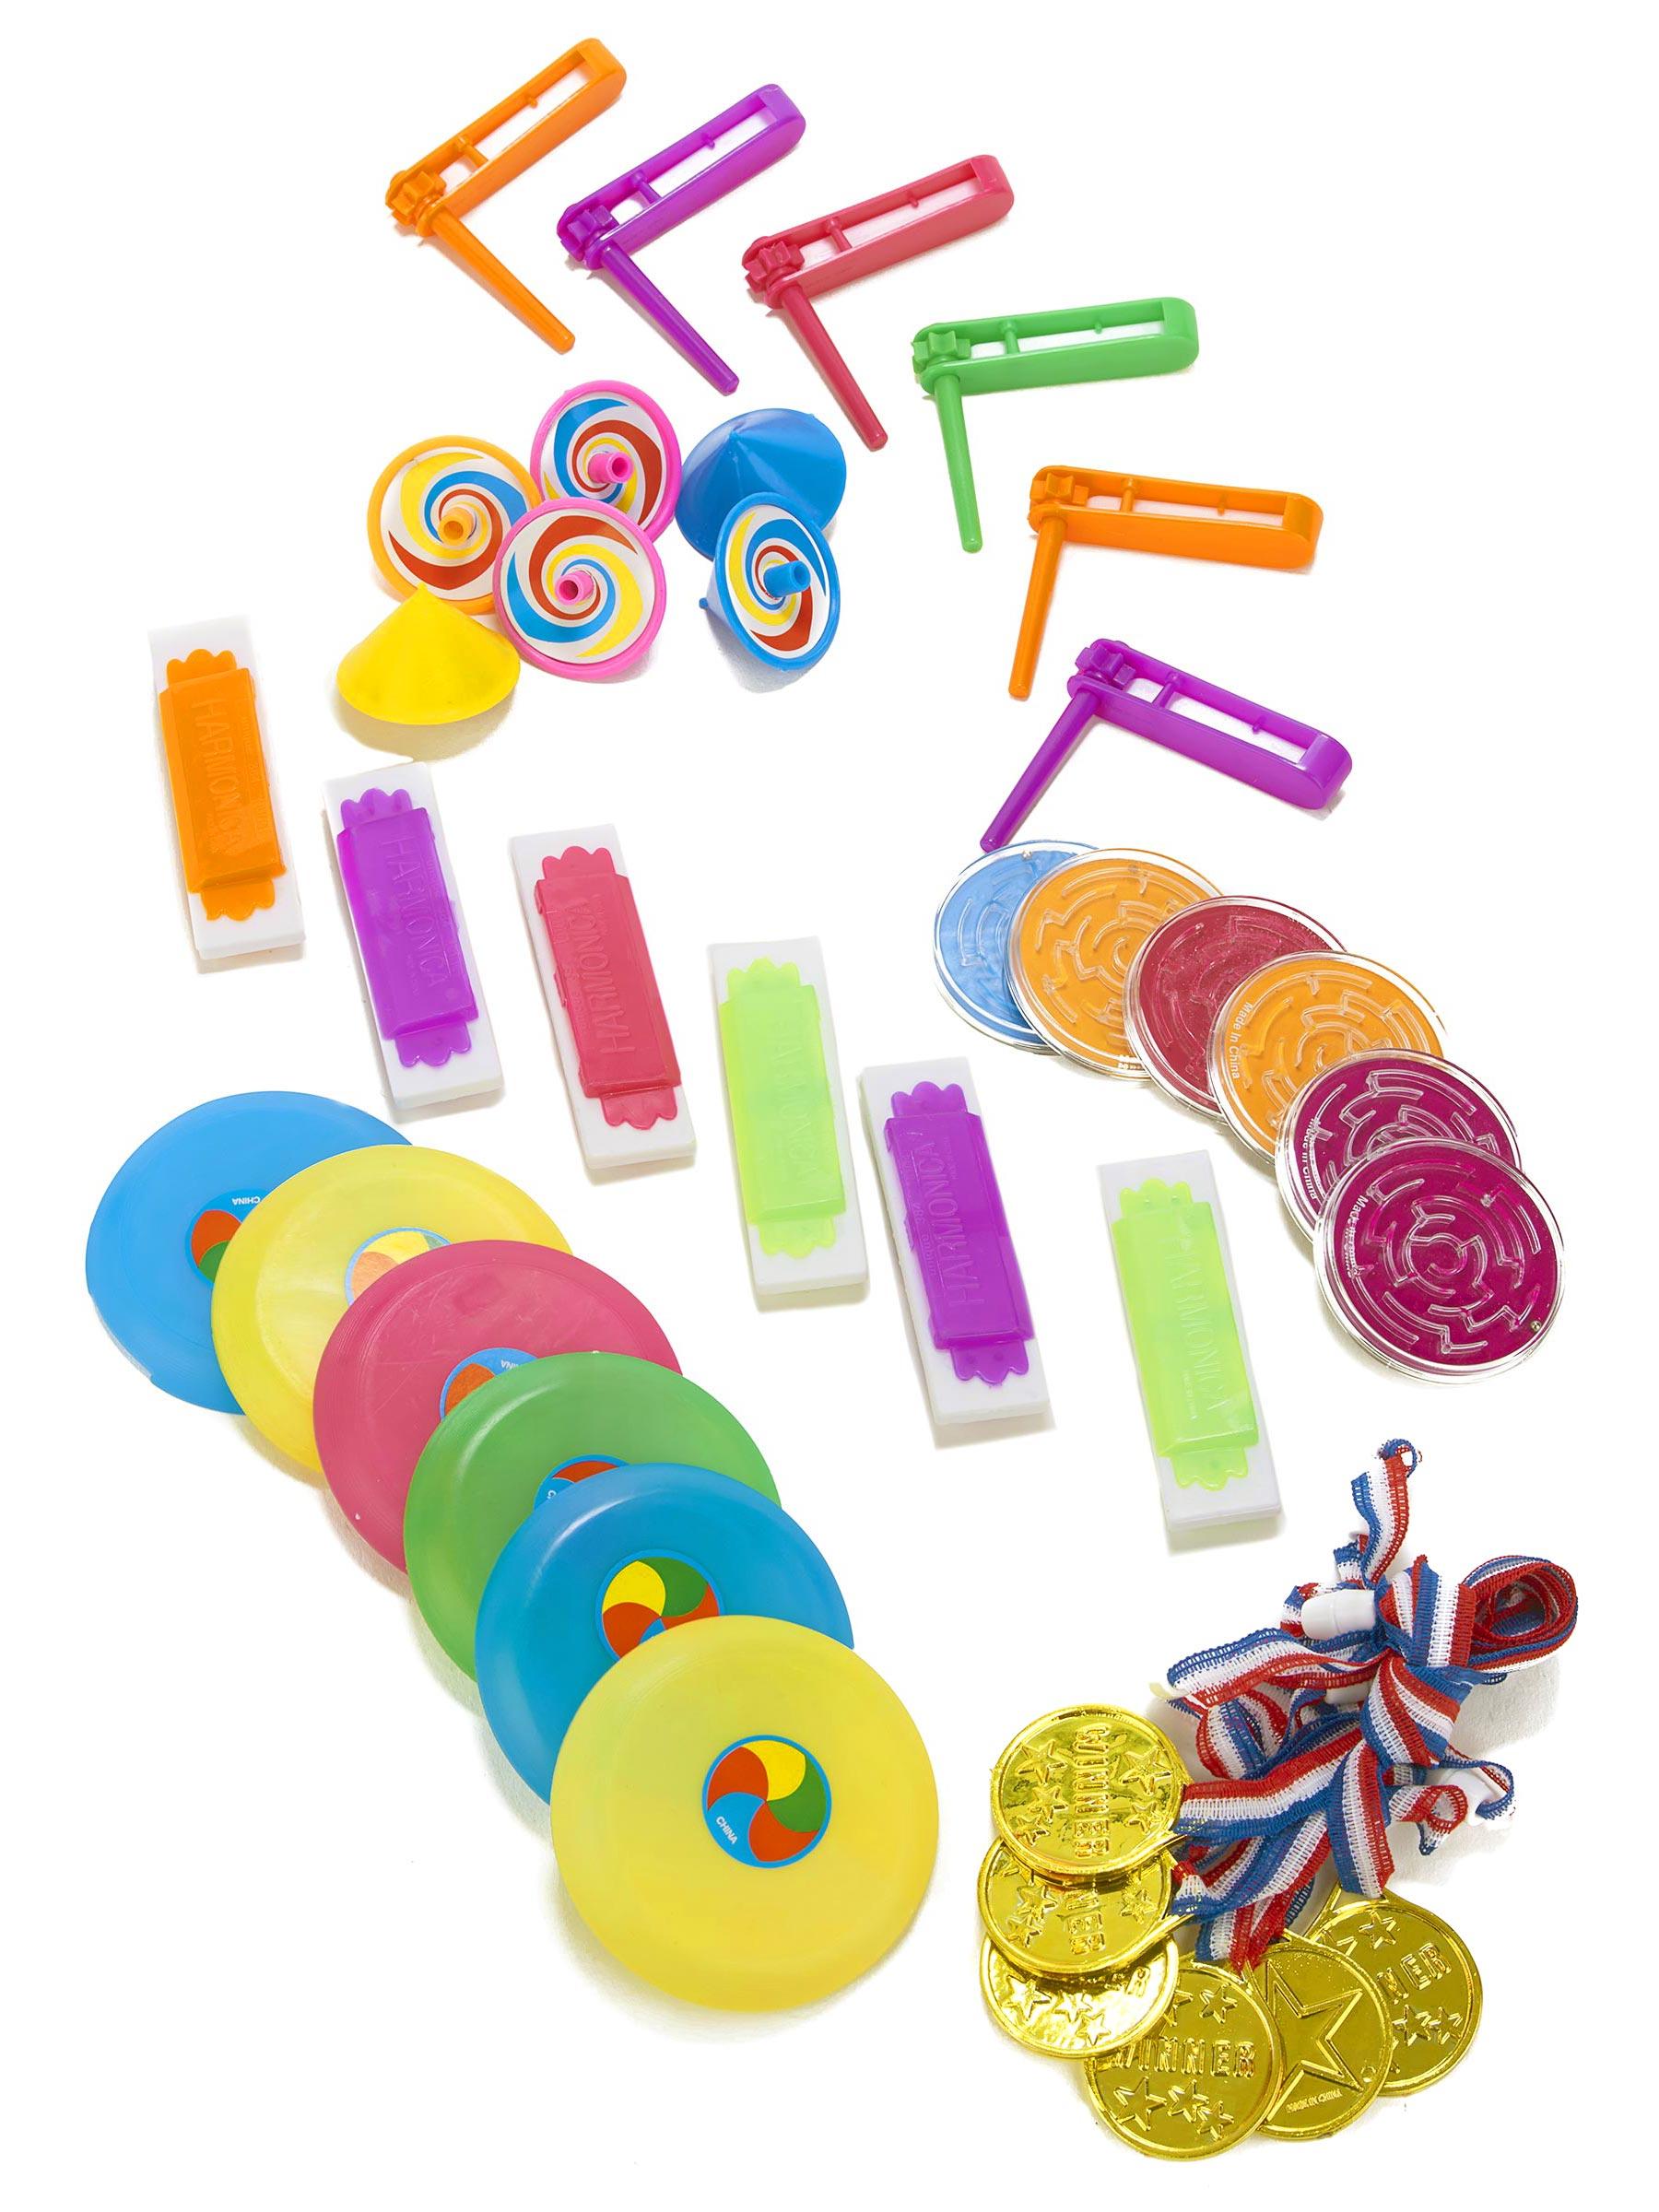 36 petits jouets pour pi ata d coration anniversaire et f tes th me sur vegaoo party. Black Bedroom Furniture Sets. Home Design Ideas